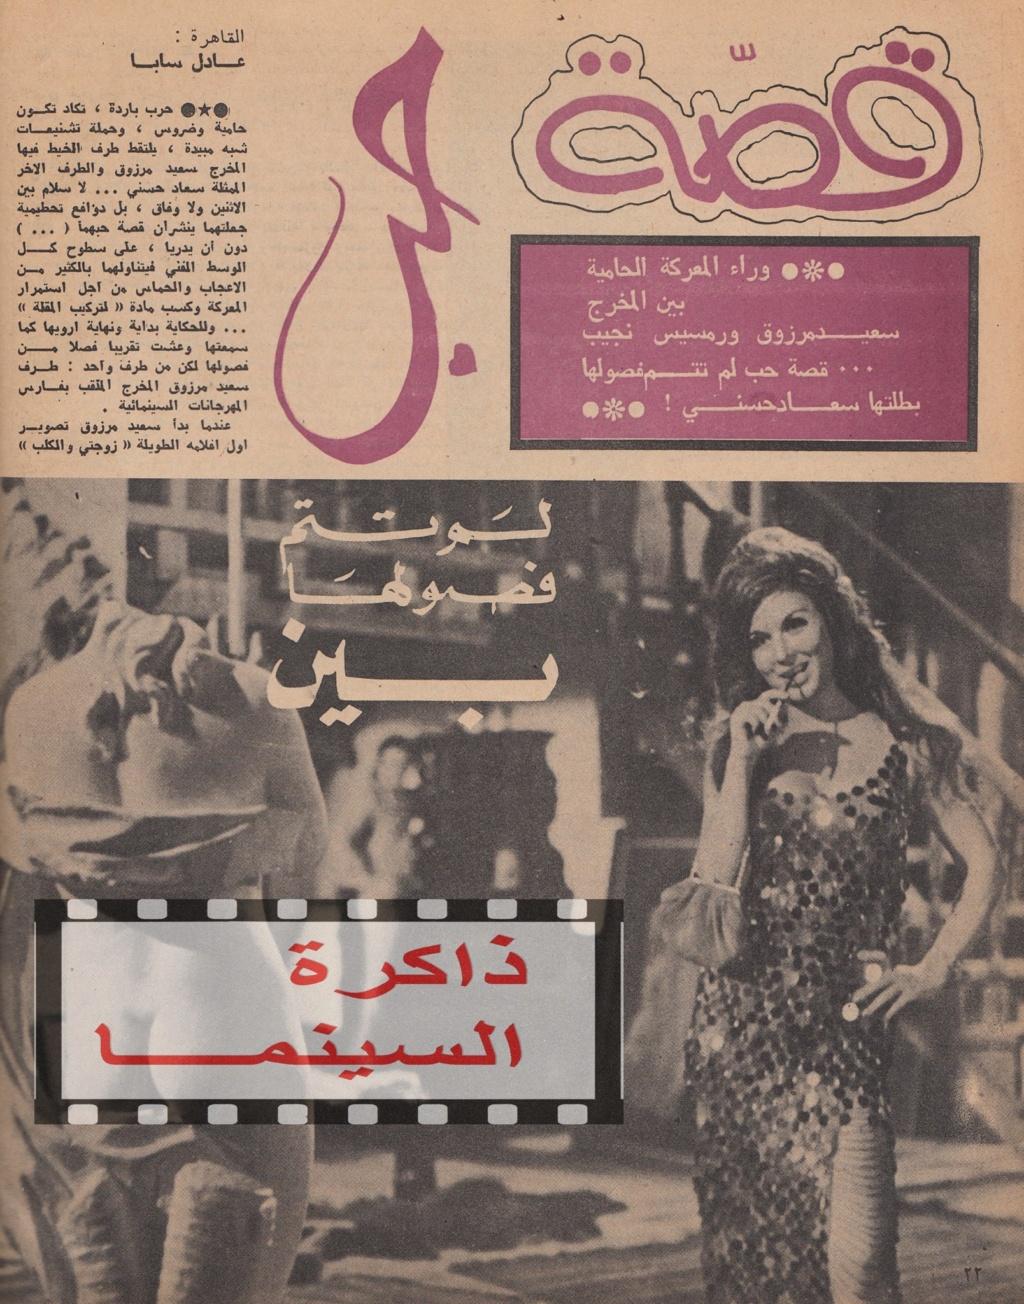 مقال - مقال صحفي : قصة حب لم تتم فصولها بين سعيد مرزوق وسعاد حسني 1972 م 1153